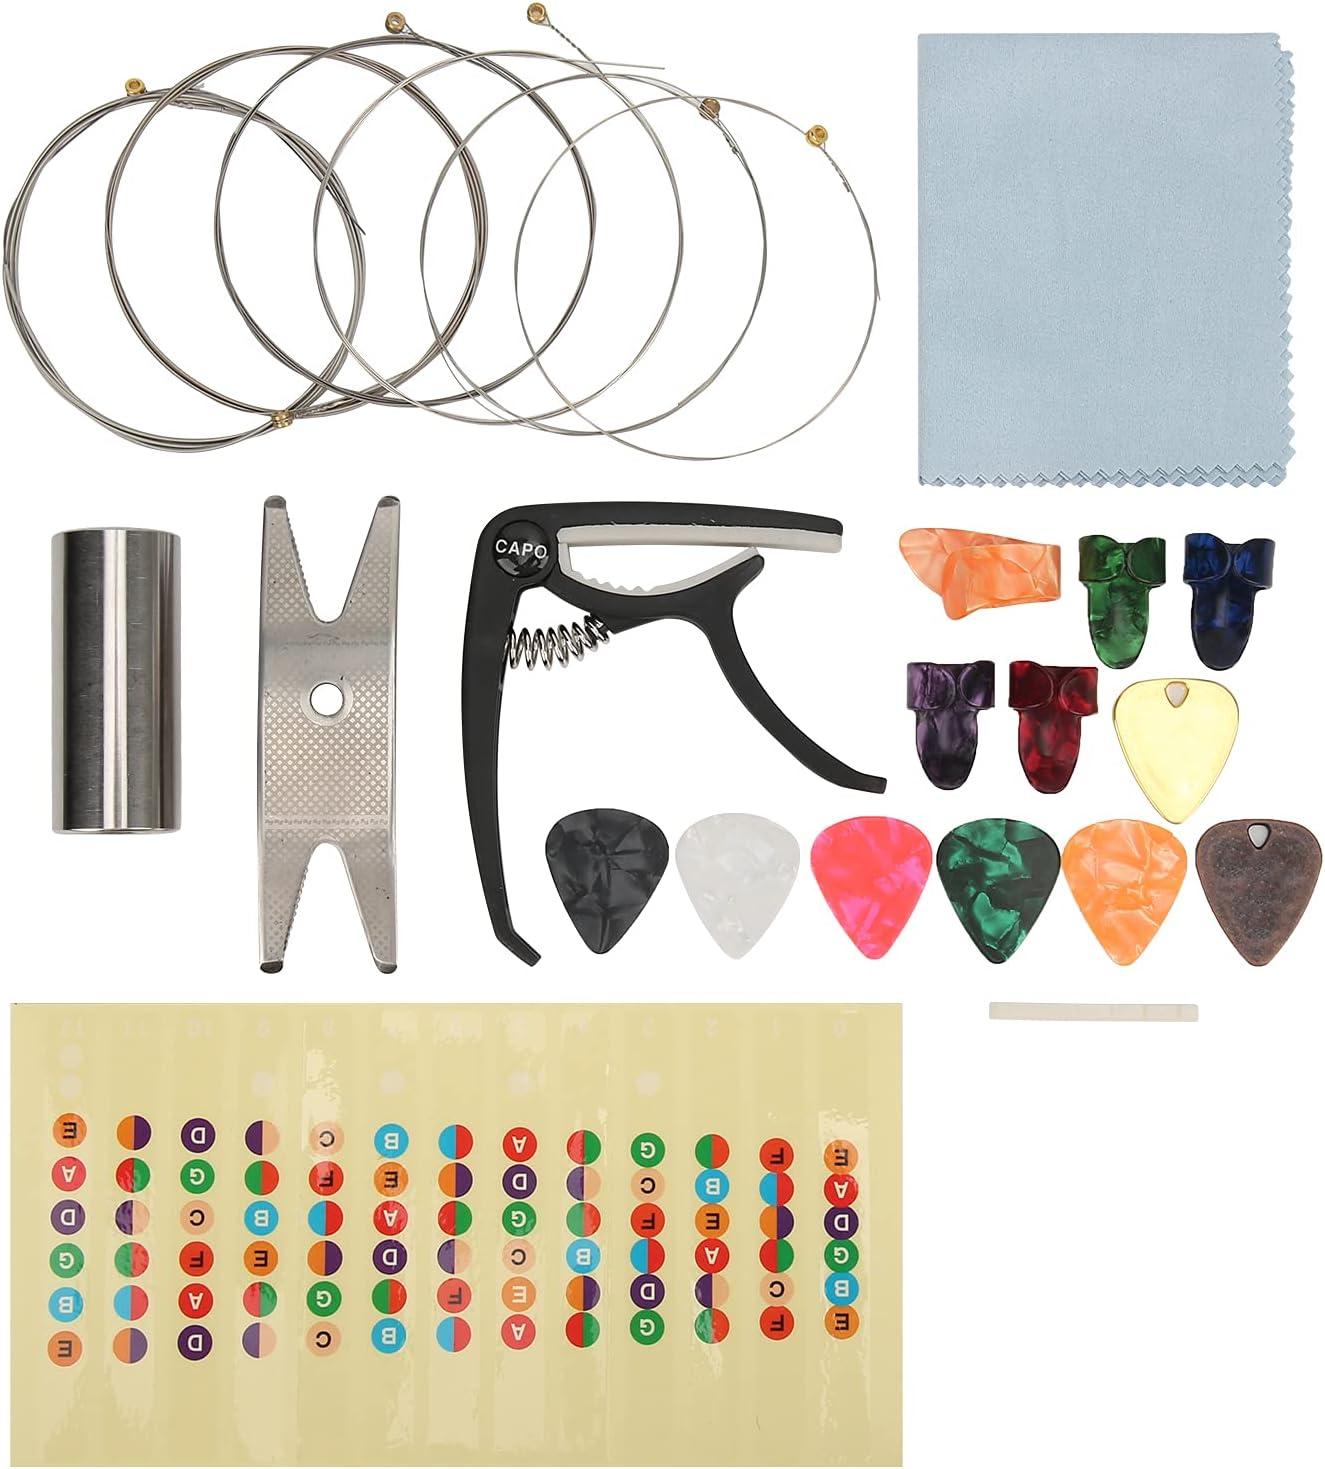 Kit de accesorios de cambio de herramienta de guitarra eléctrica para principiantes que incluye cejilla, cuerda de guitarra eléctrica, púas de guitarra, pegatina de escala de guitarra, cuna de celuloi